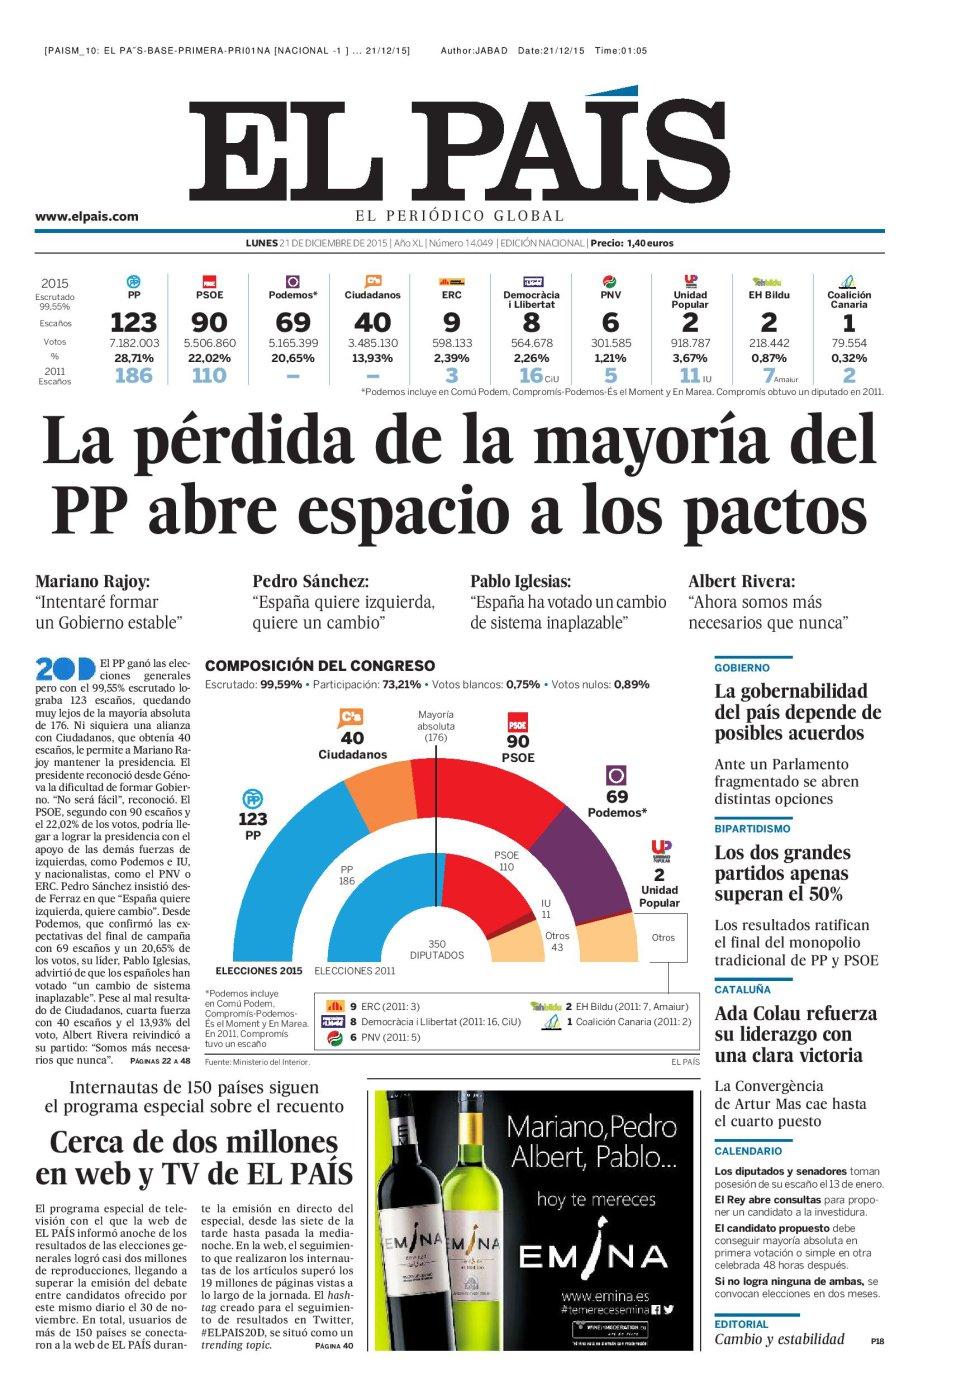 Portada de 'El País' del 21 de diciembre de 2015.